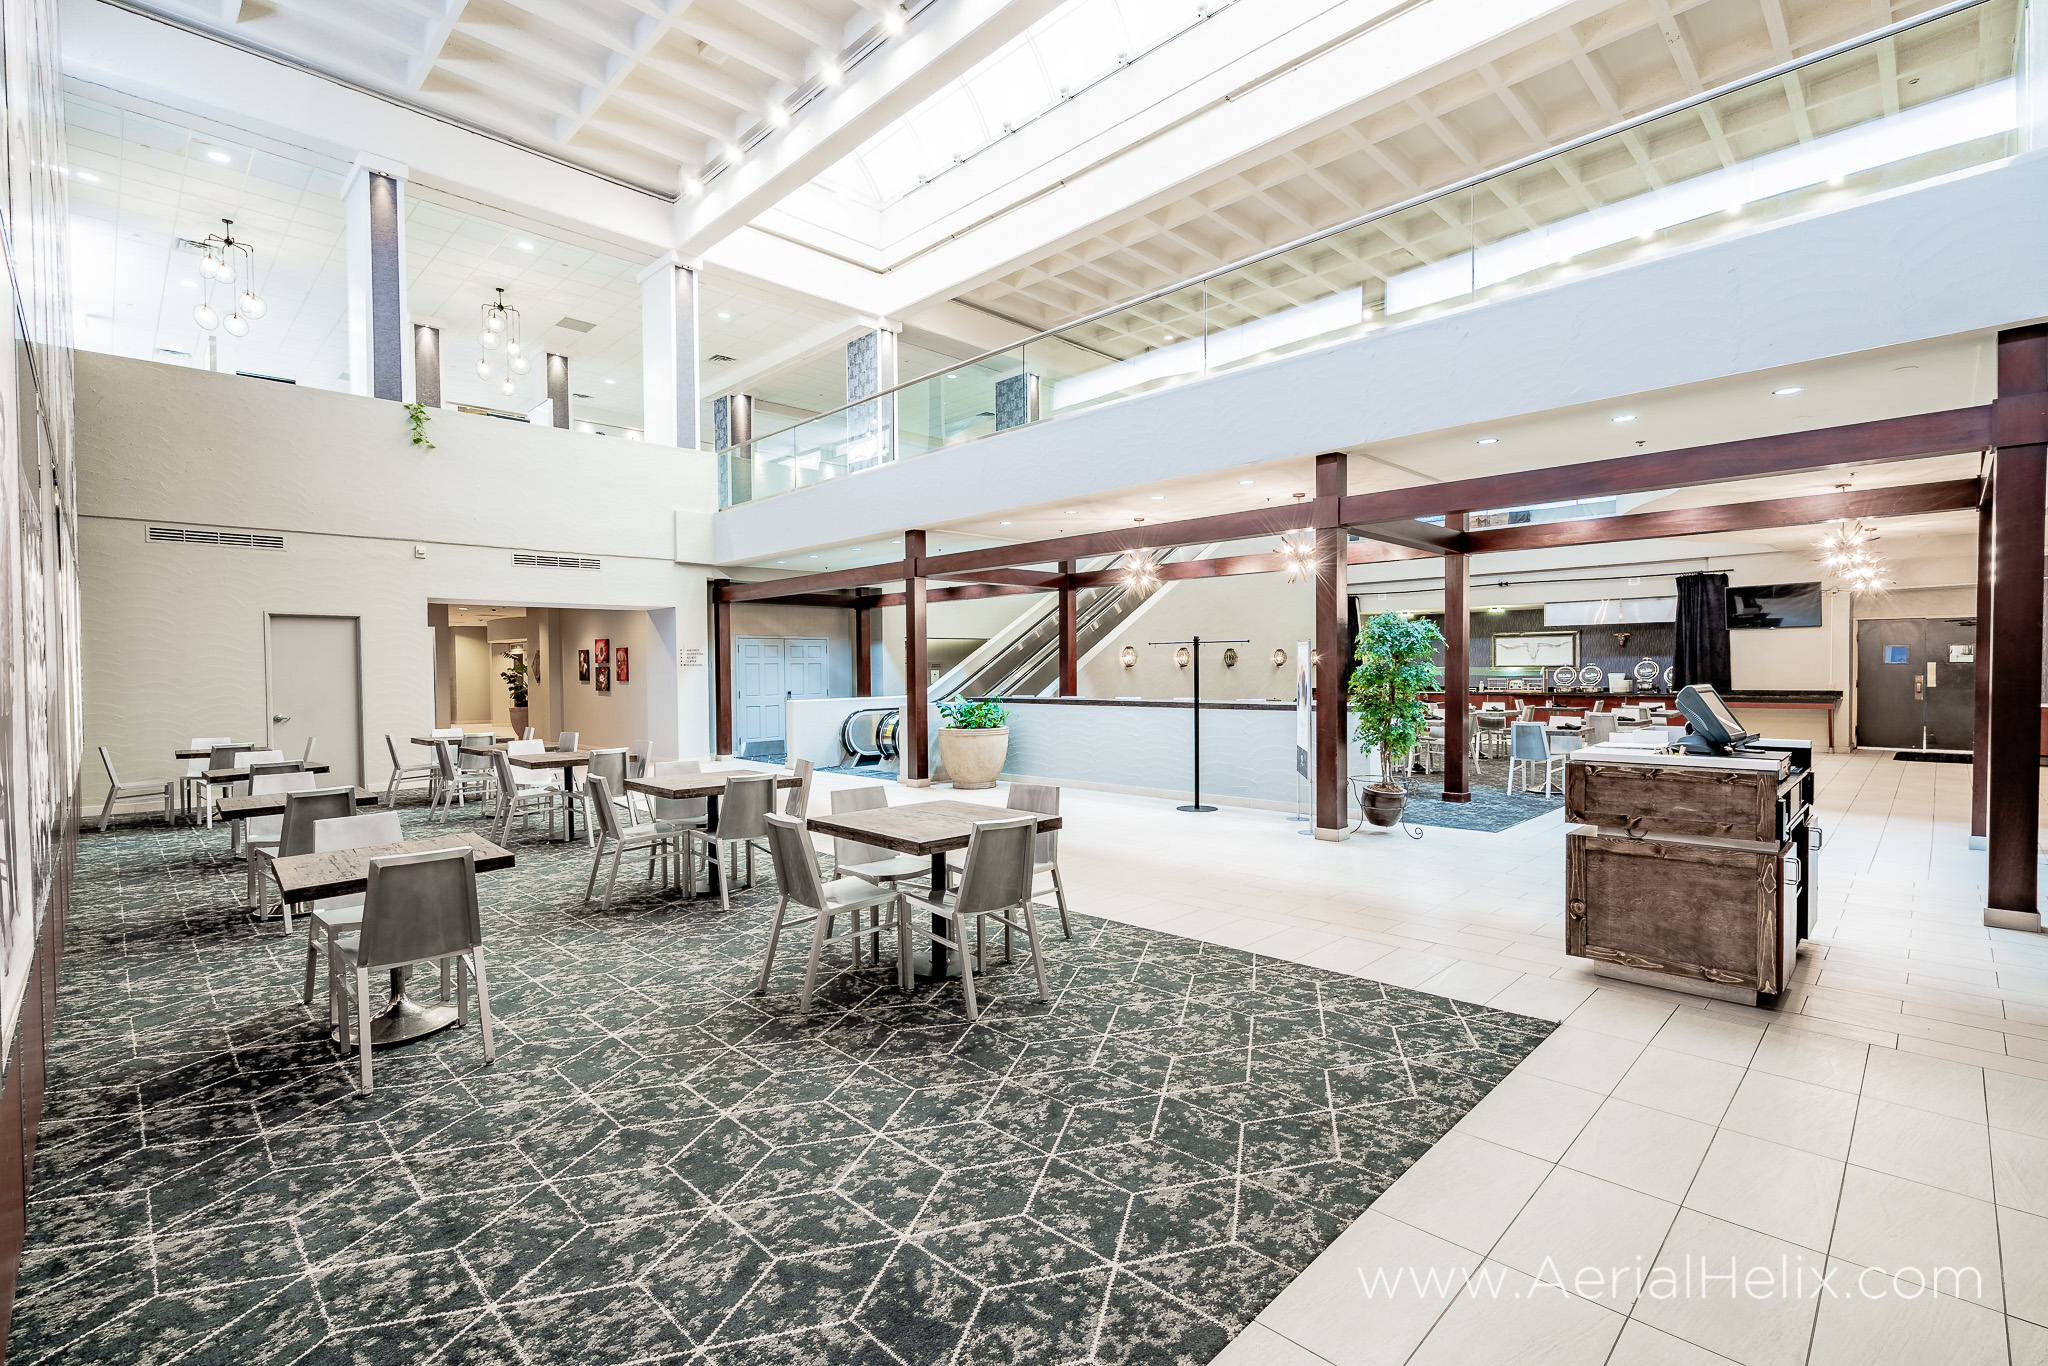 Hilton Doubletree Albuquerque small-129.jpg